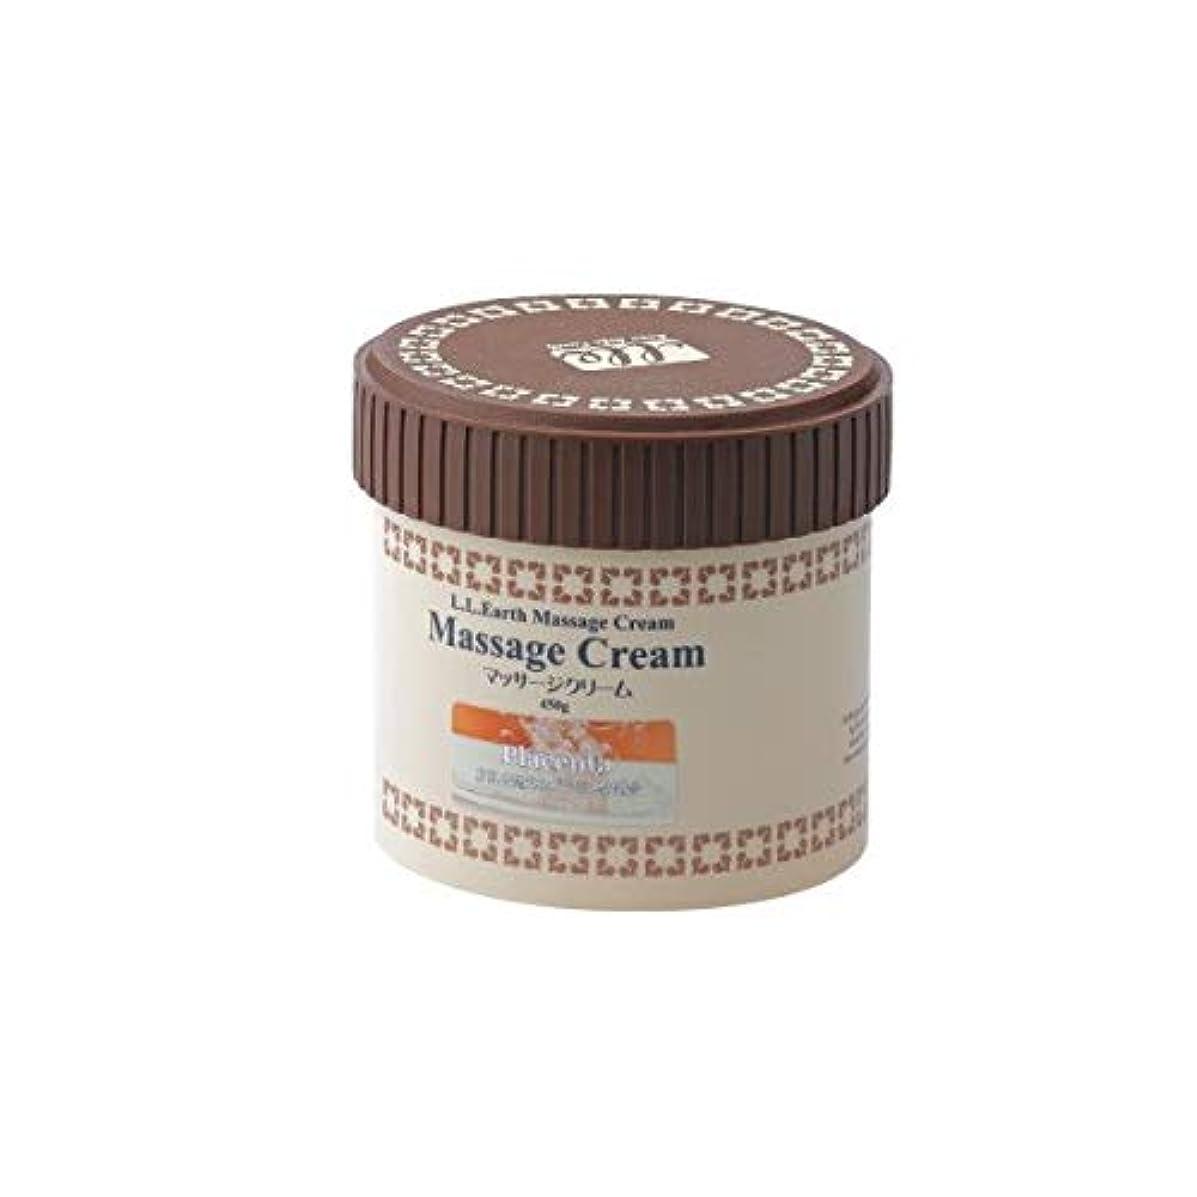 ジュース何よりも薬LLE ミネラルマッサージクリーム 業務用 450g (プラセンタ) マッサージクリーム エステ用品 サロン用品 リラクゼーション